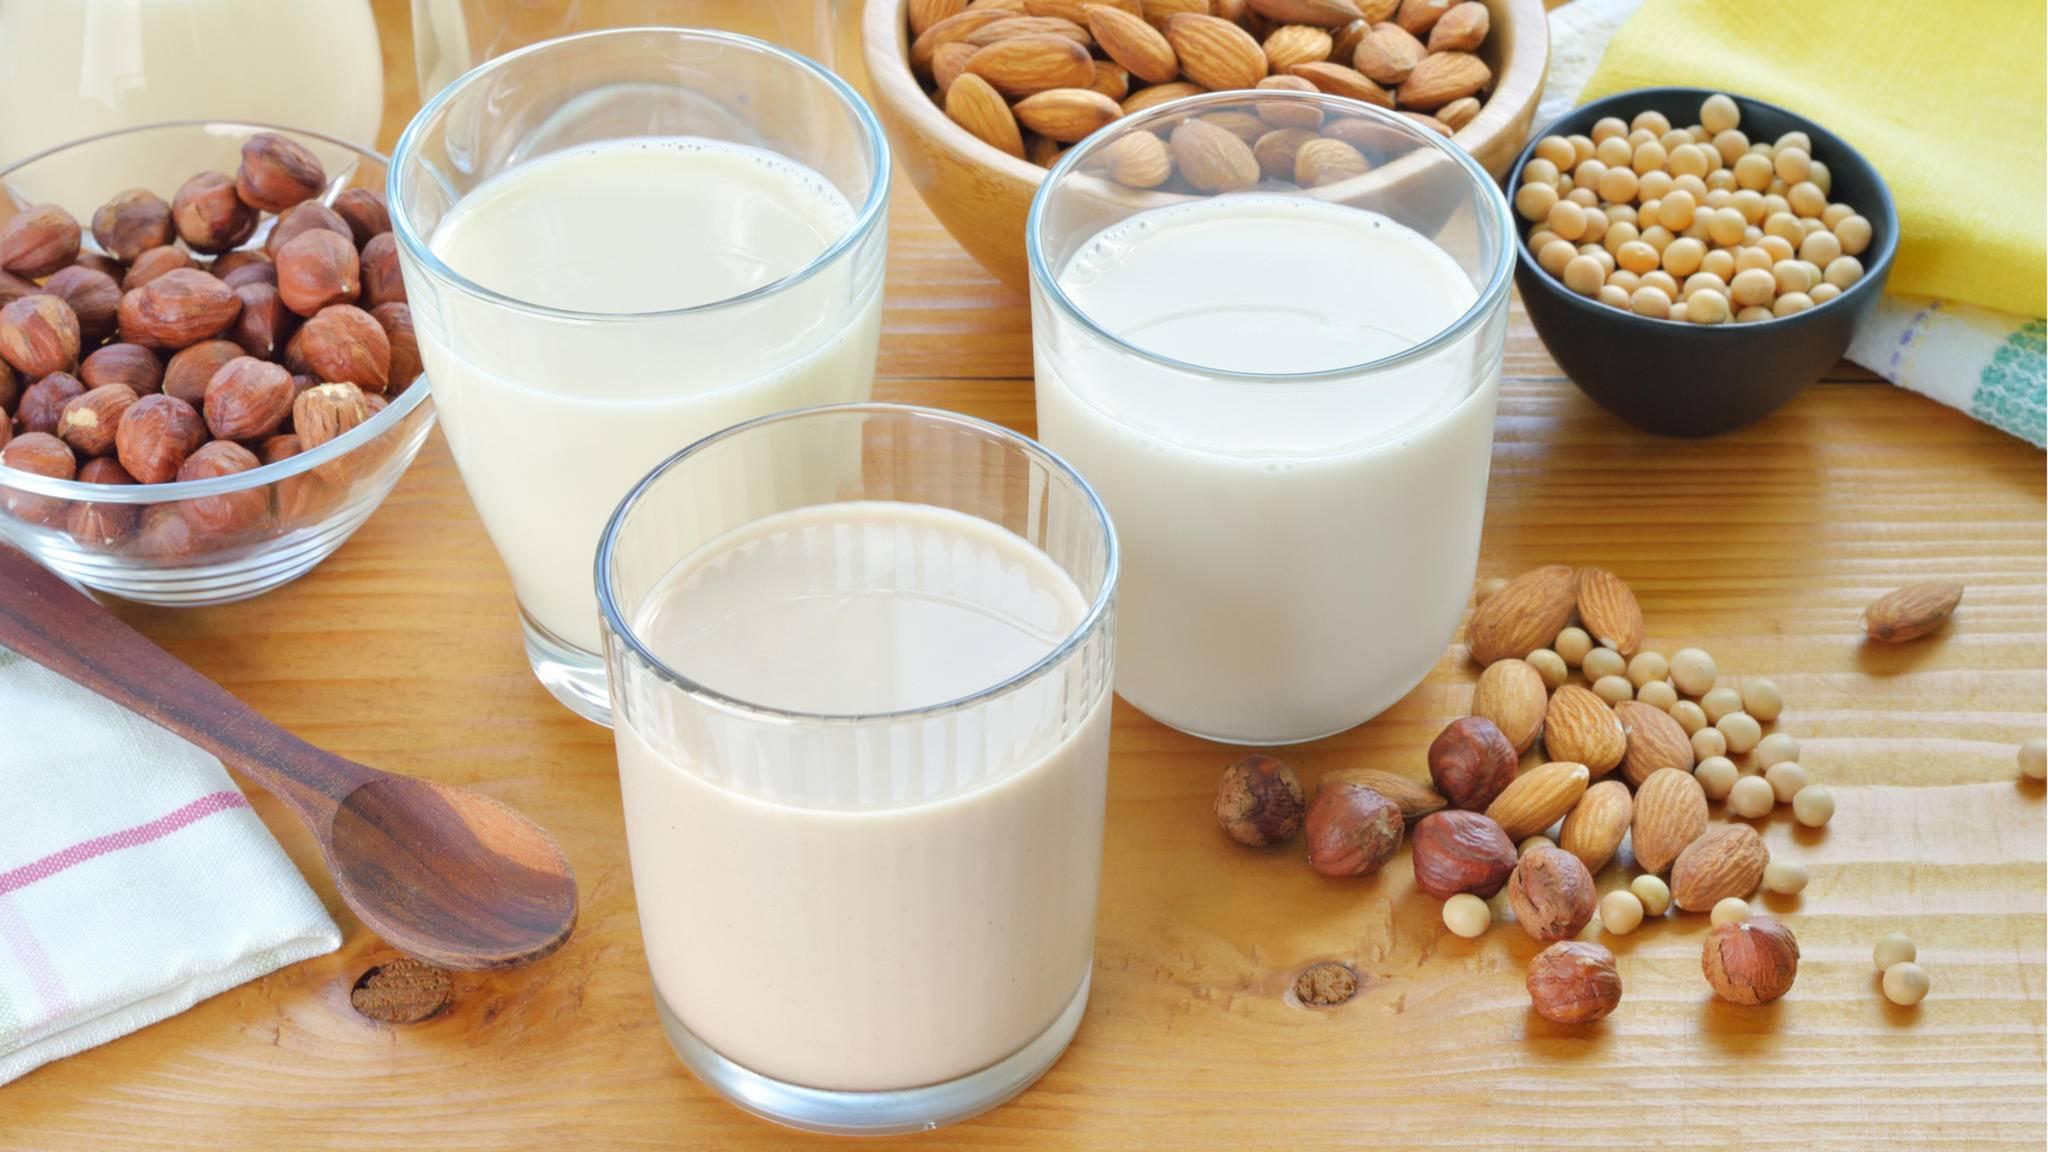 Aus Nüssen, Getreide und Co. lässt sich leckere Pflanzenmilch zaubern.